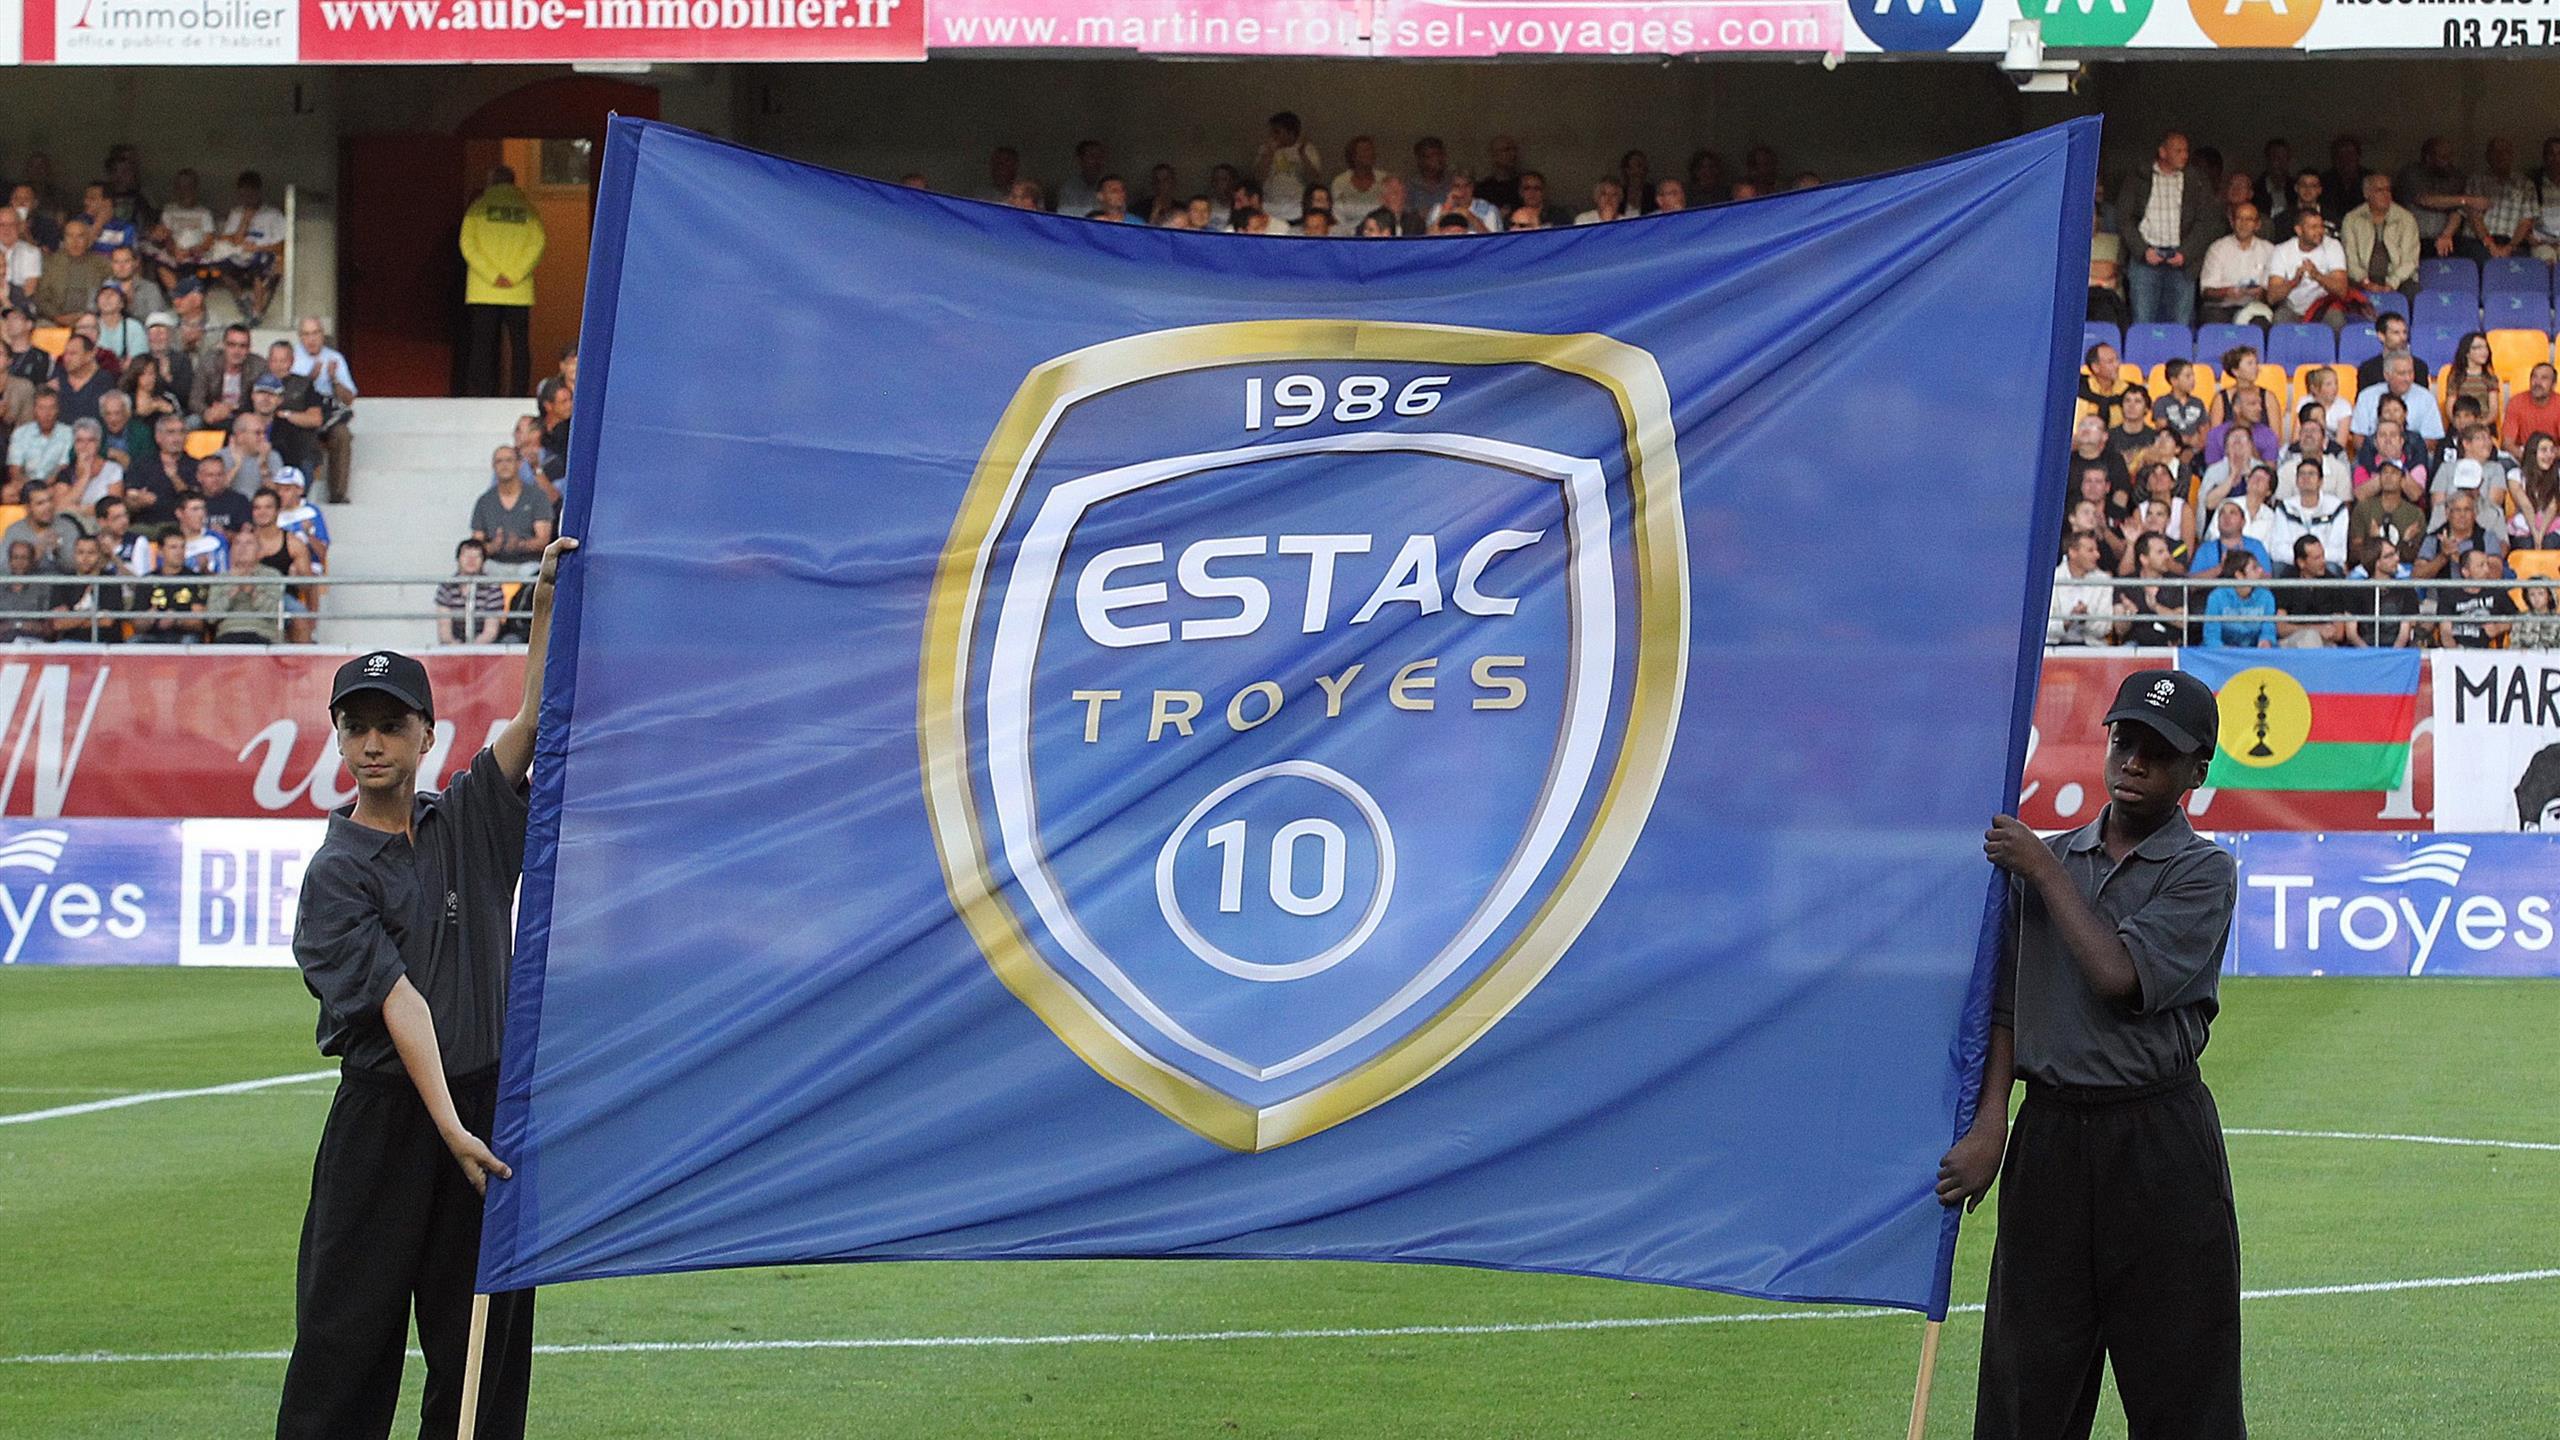 Ligue 2 : Le leader Troyes s'effondre contre Nancy (1-5), Toulouse en profite - Eurosport FR